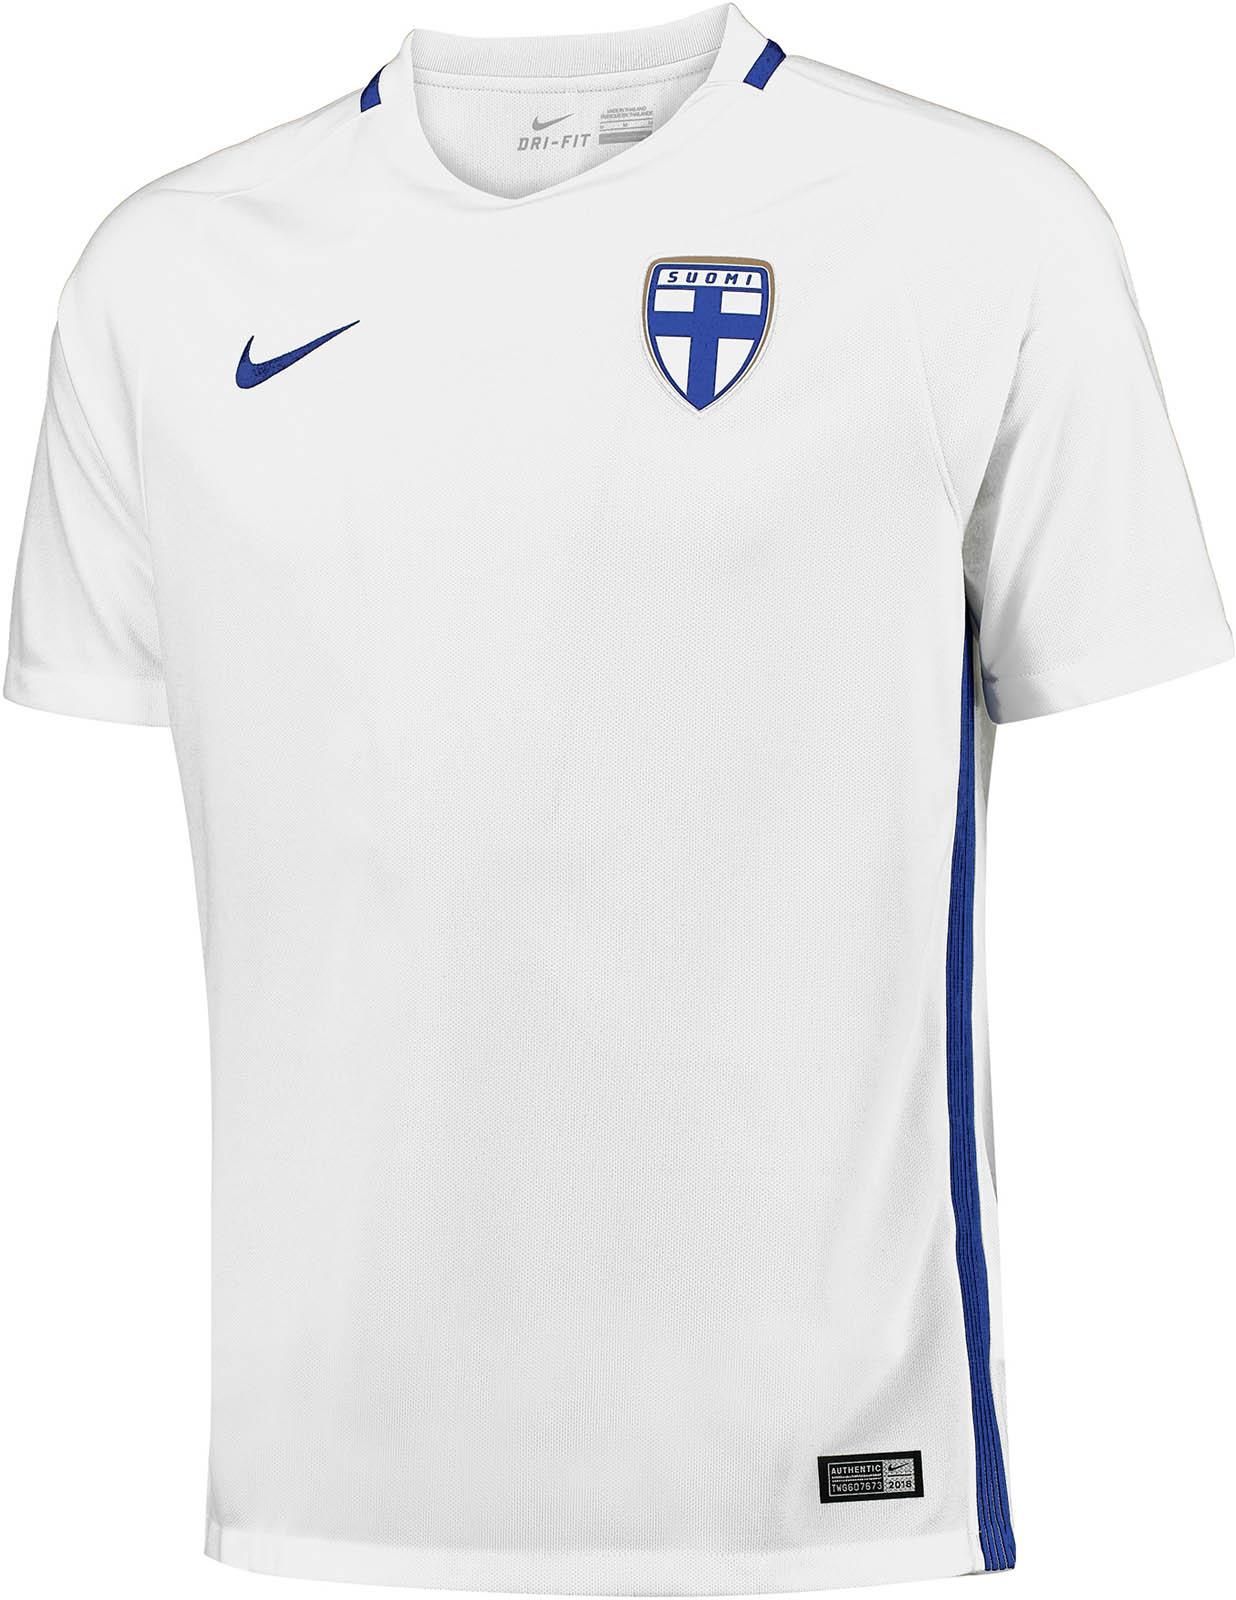 fussball finnland